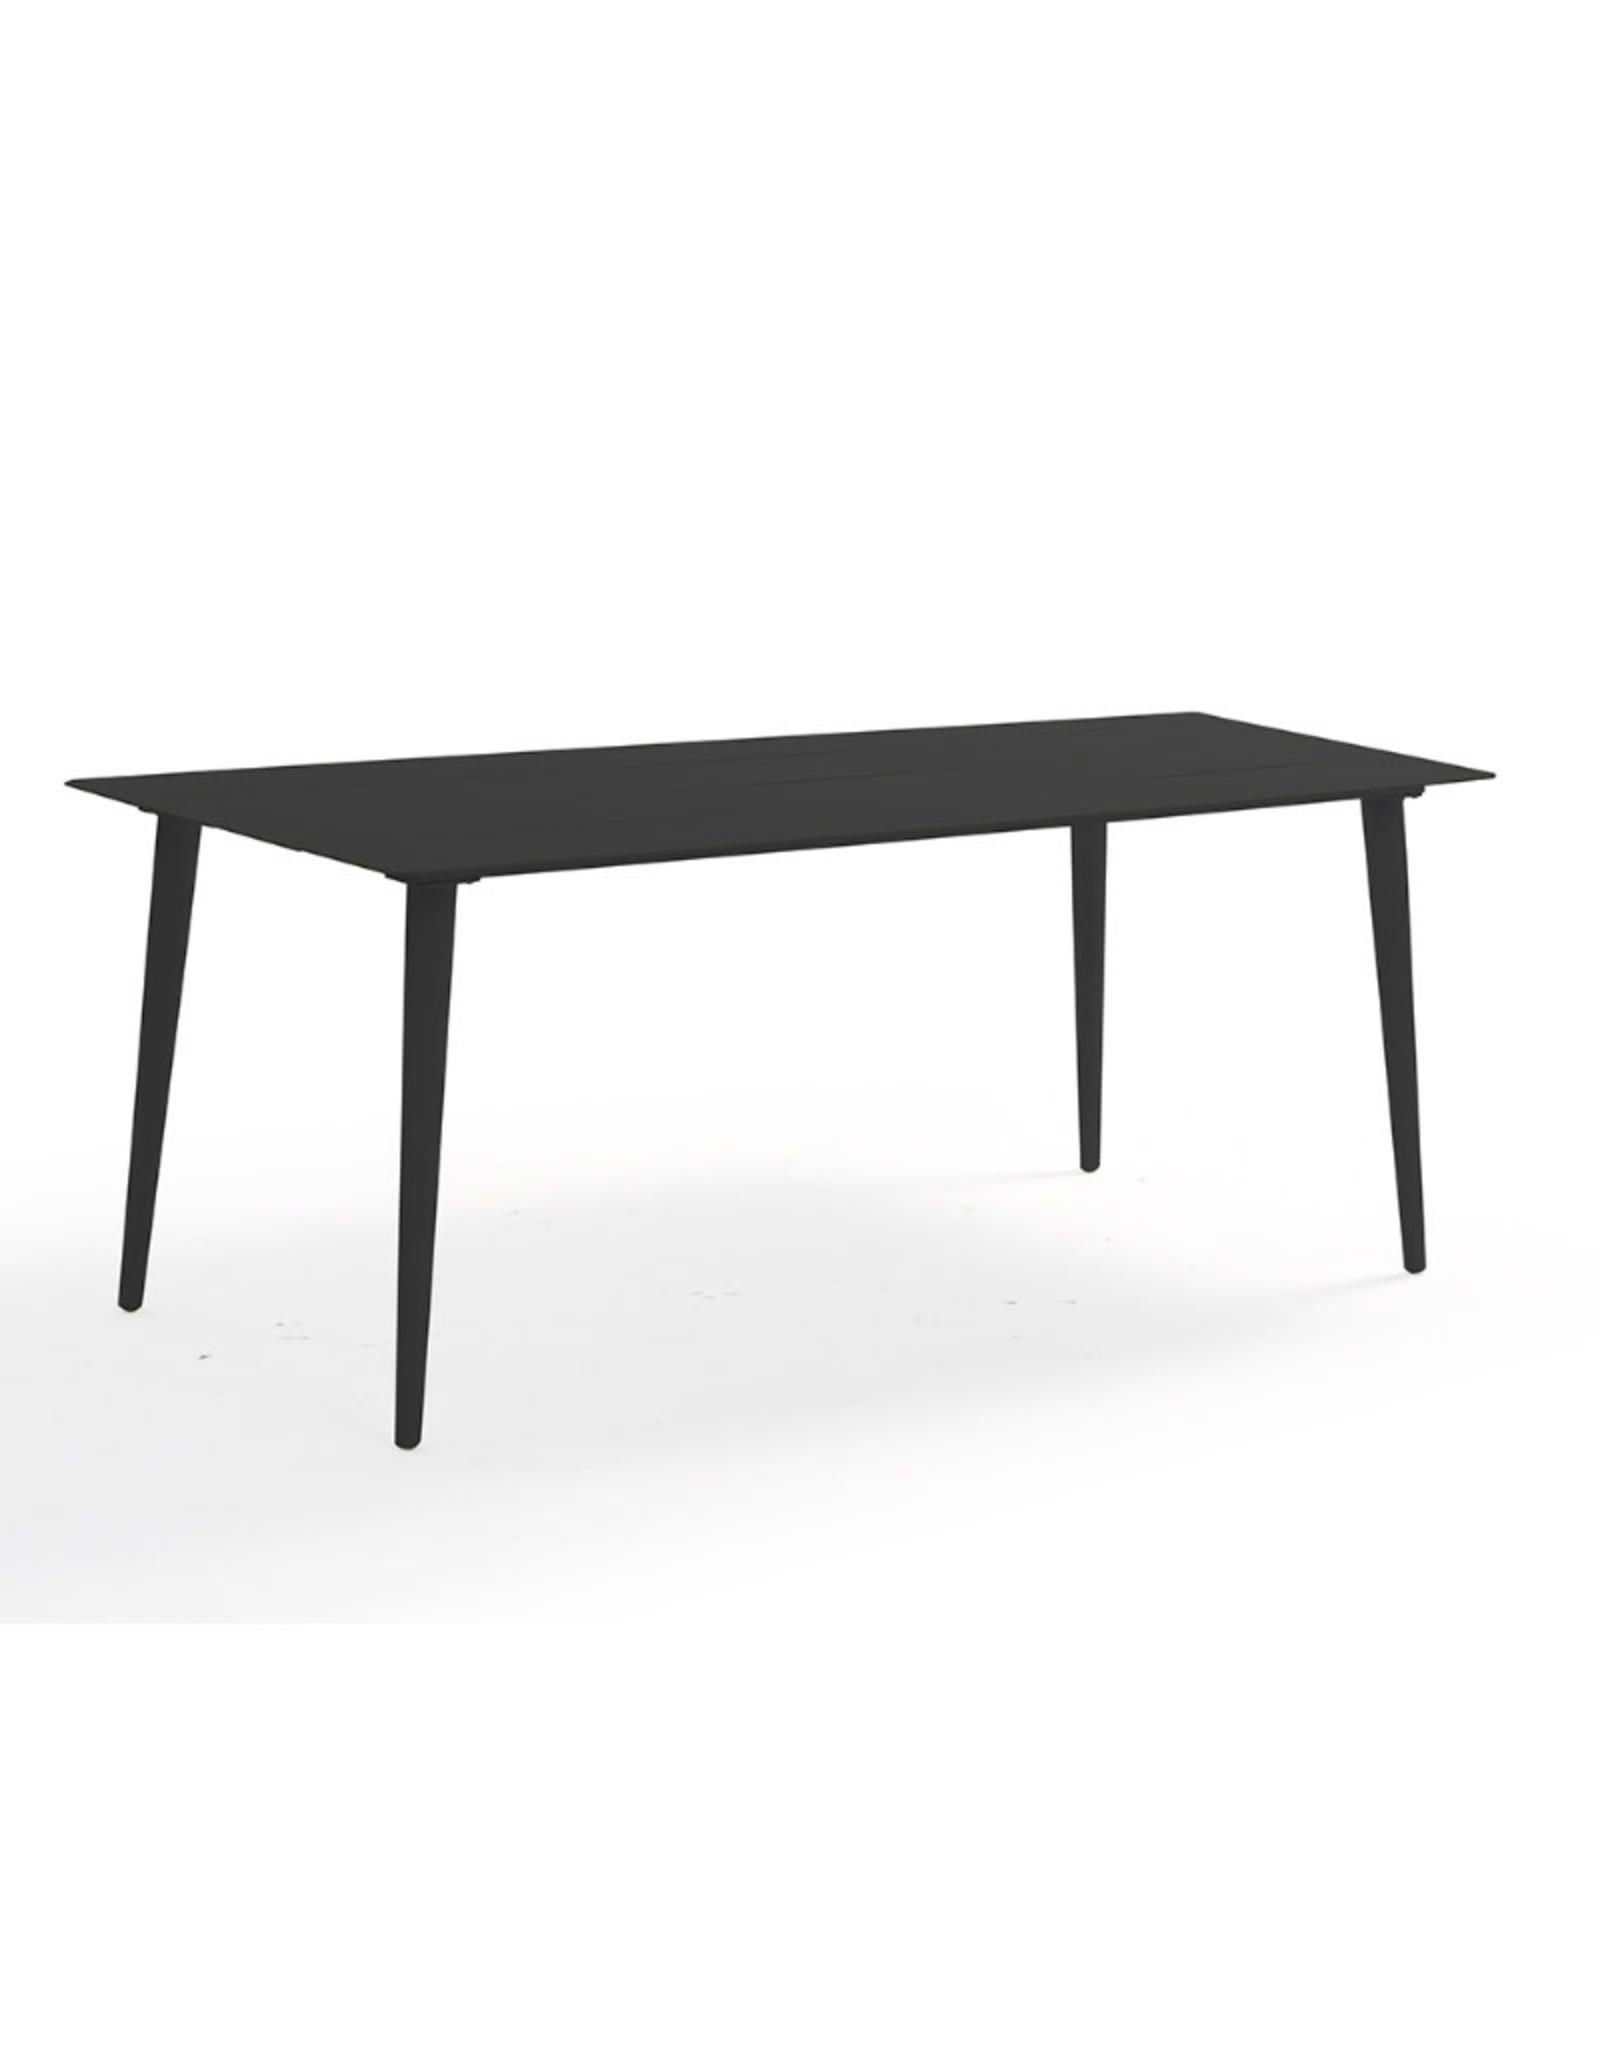 Hamilton Bay OUTDOOR Hamilton Bay Cosmo tafel 180x100 full aluminium donkergrijs